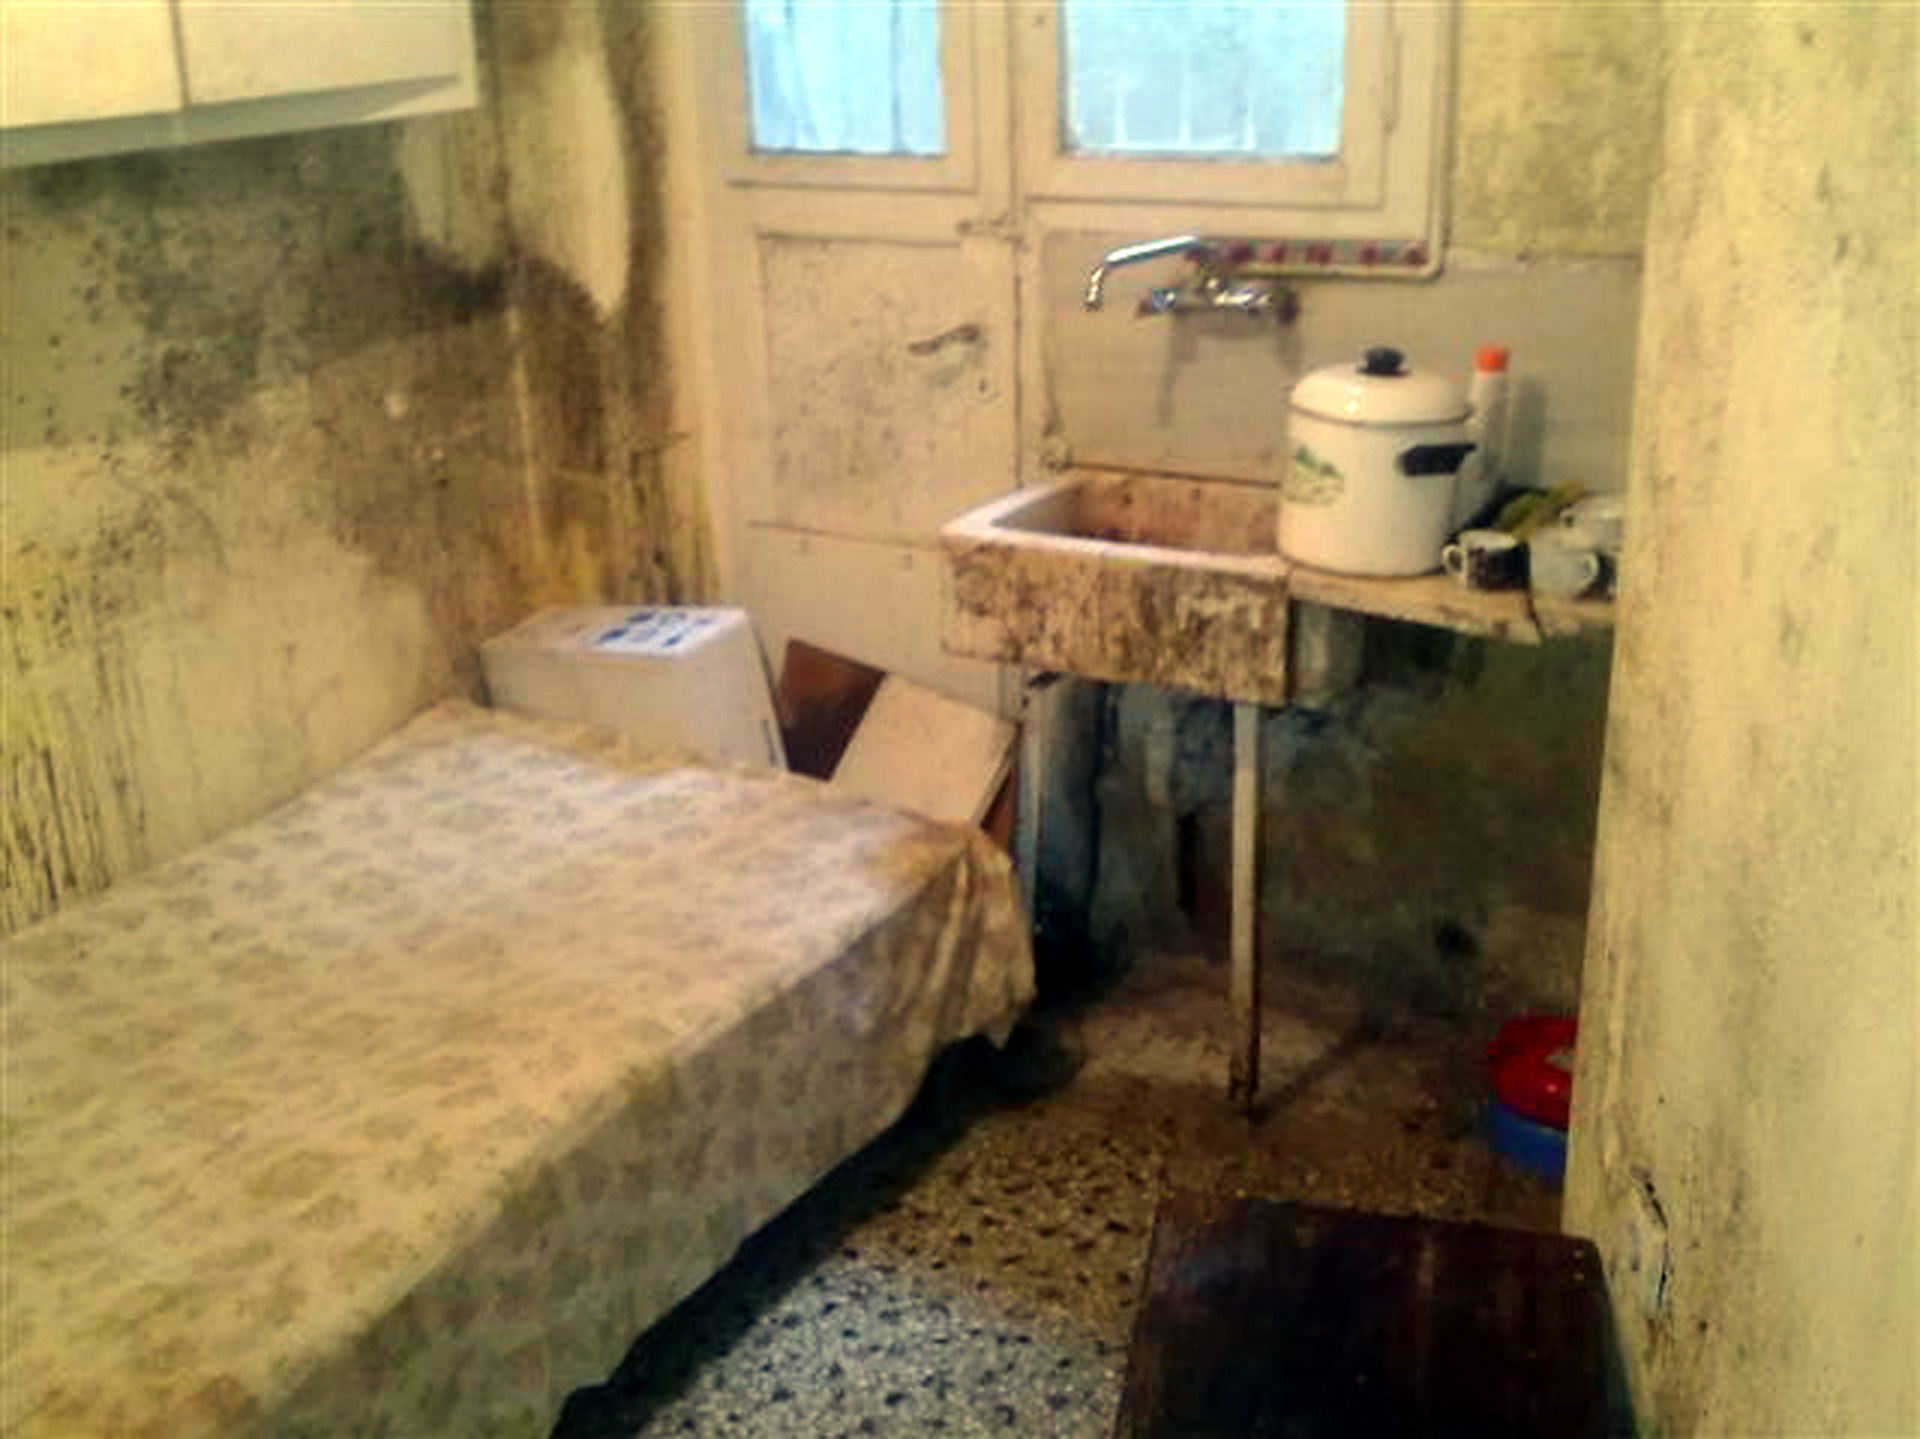 Αυτό ήταν το δωμάτιο φυλακή... (ΦΩΤΟ EUROKINISSI)